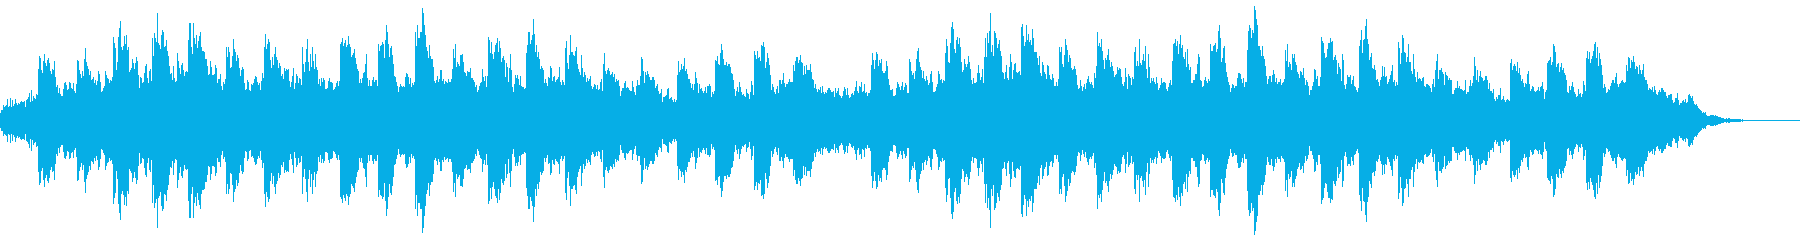 ジブリアニメ風_子供_キラキラ_水平線の再生済みの波形